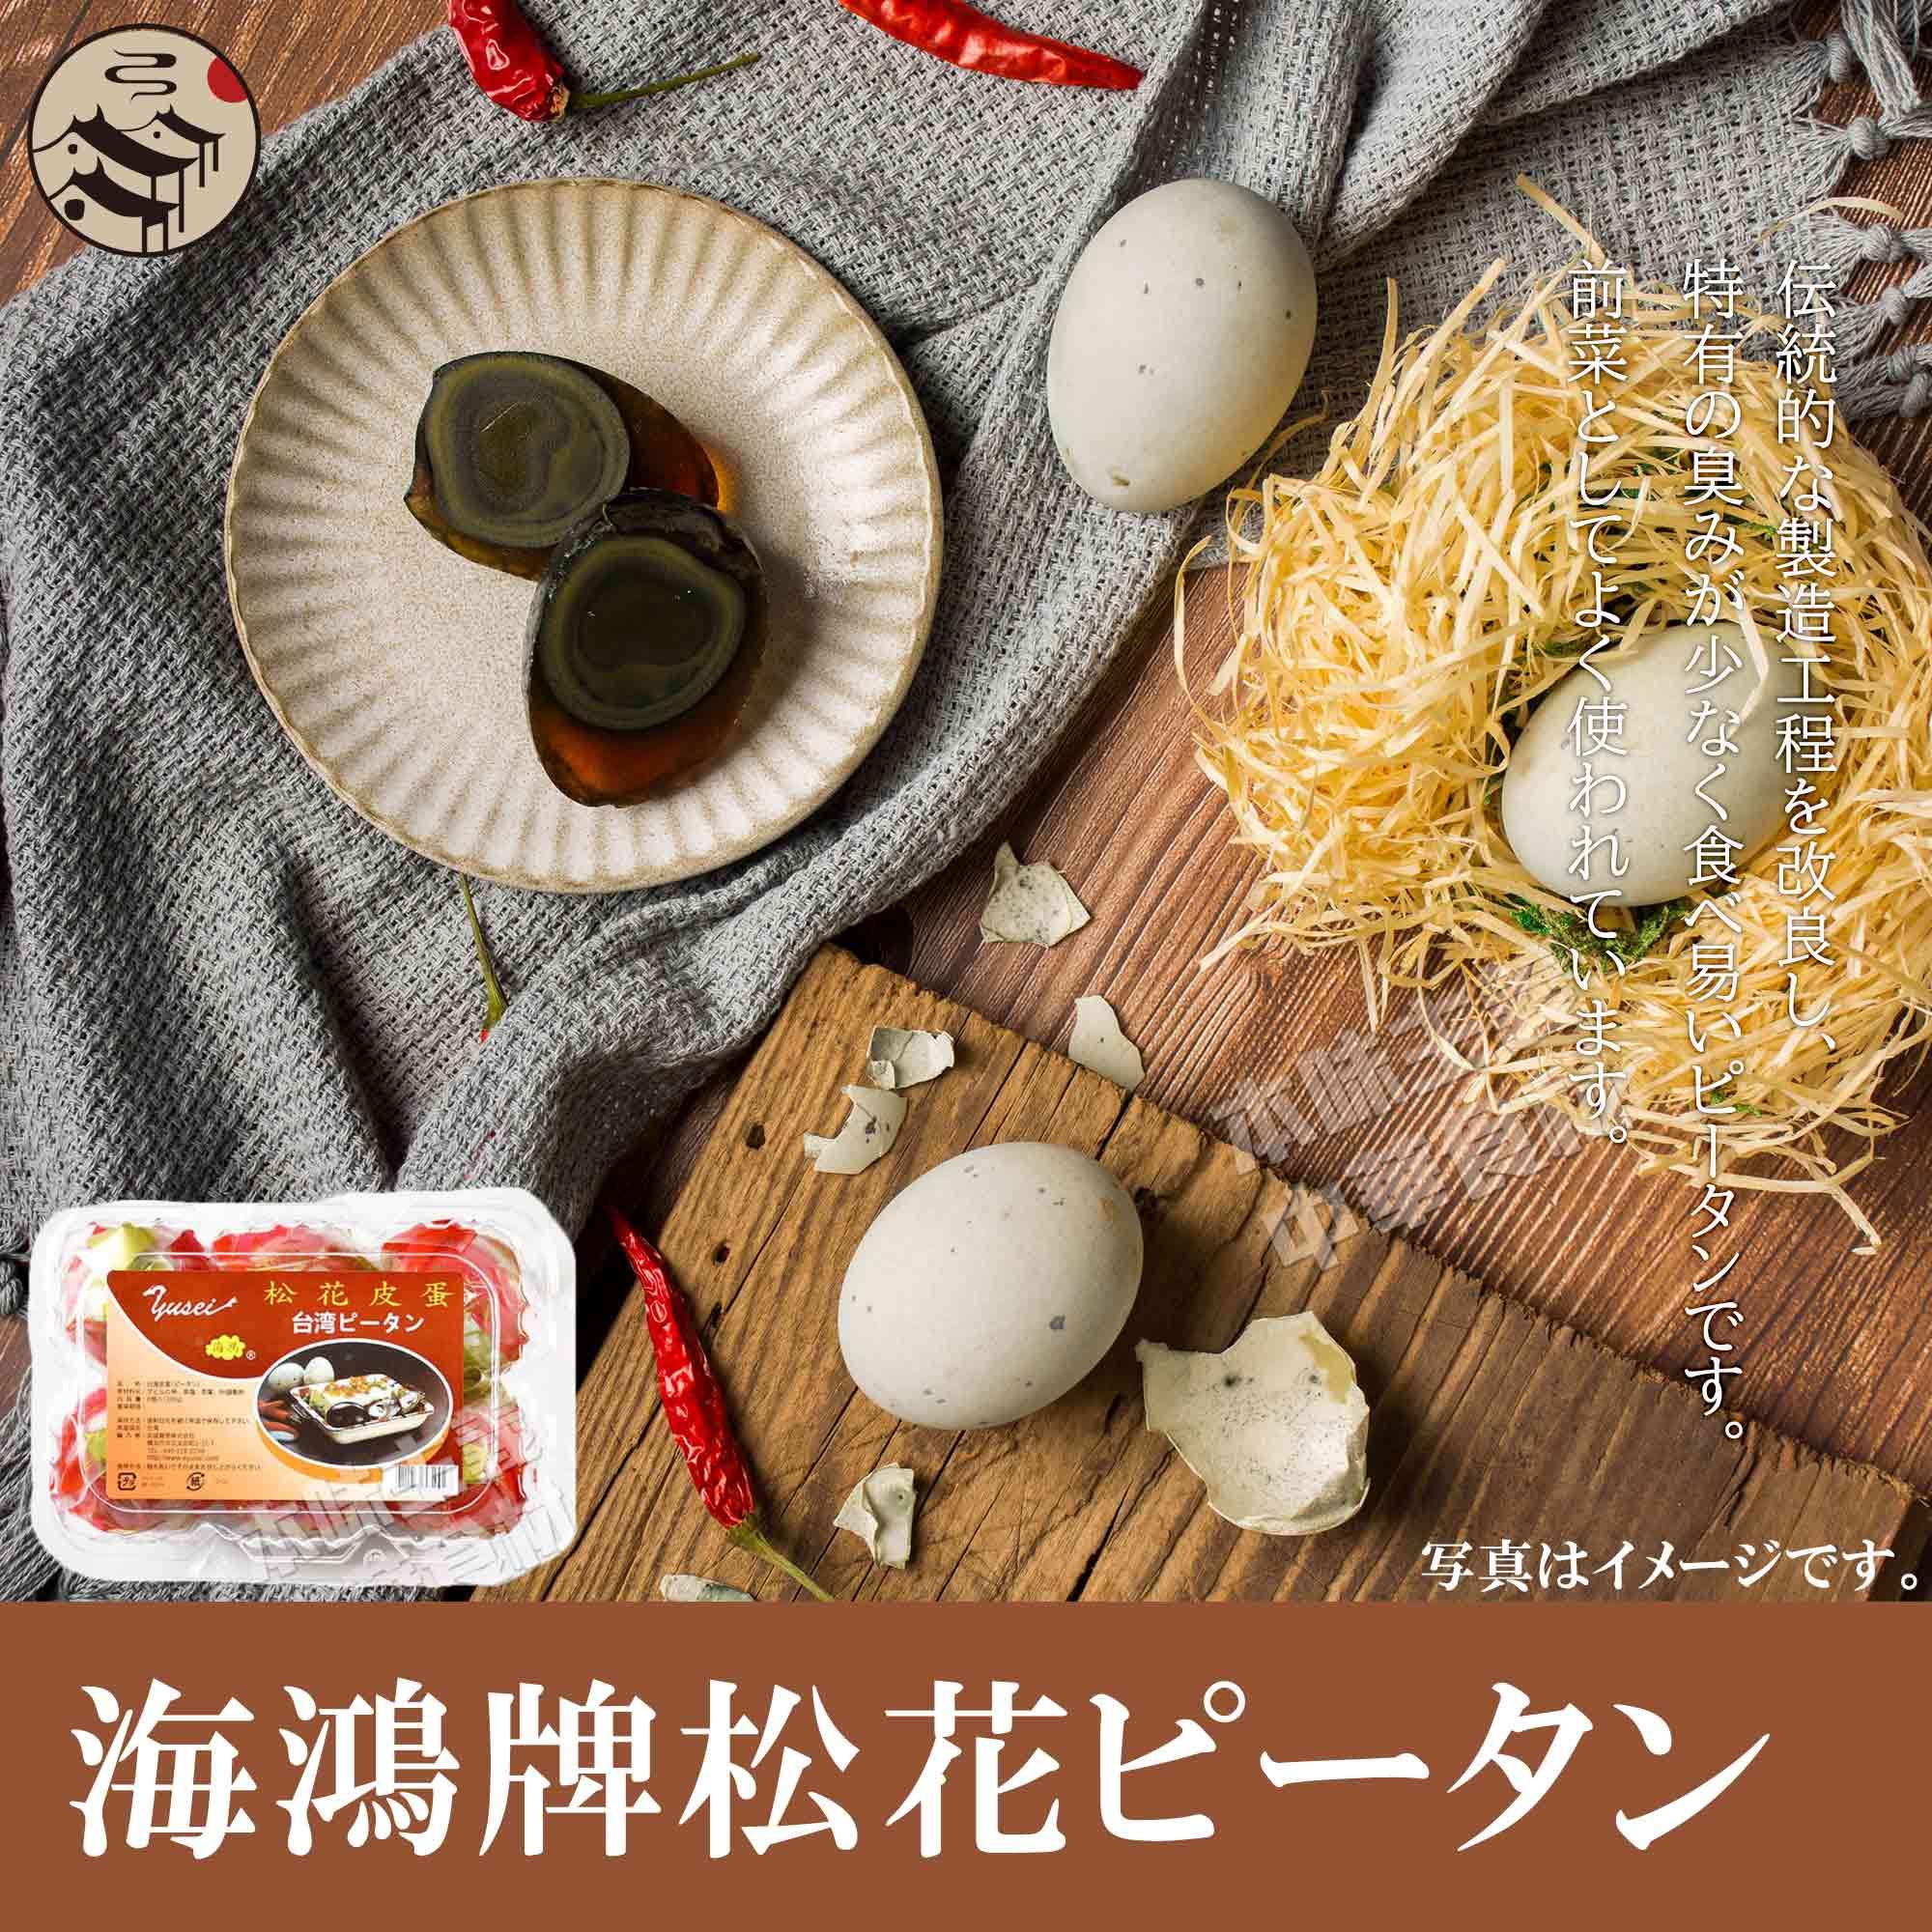 開店祝い 友盛海鴻牌台湾松花皮蛋 ピータン 中華食材調味料 中華料理人気商品 台湾風味名物 注目ブランド